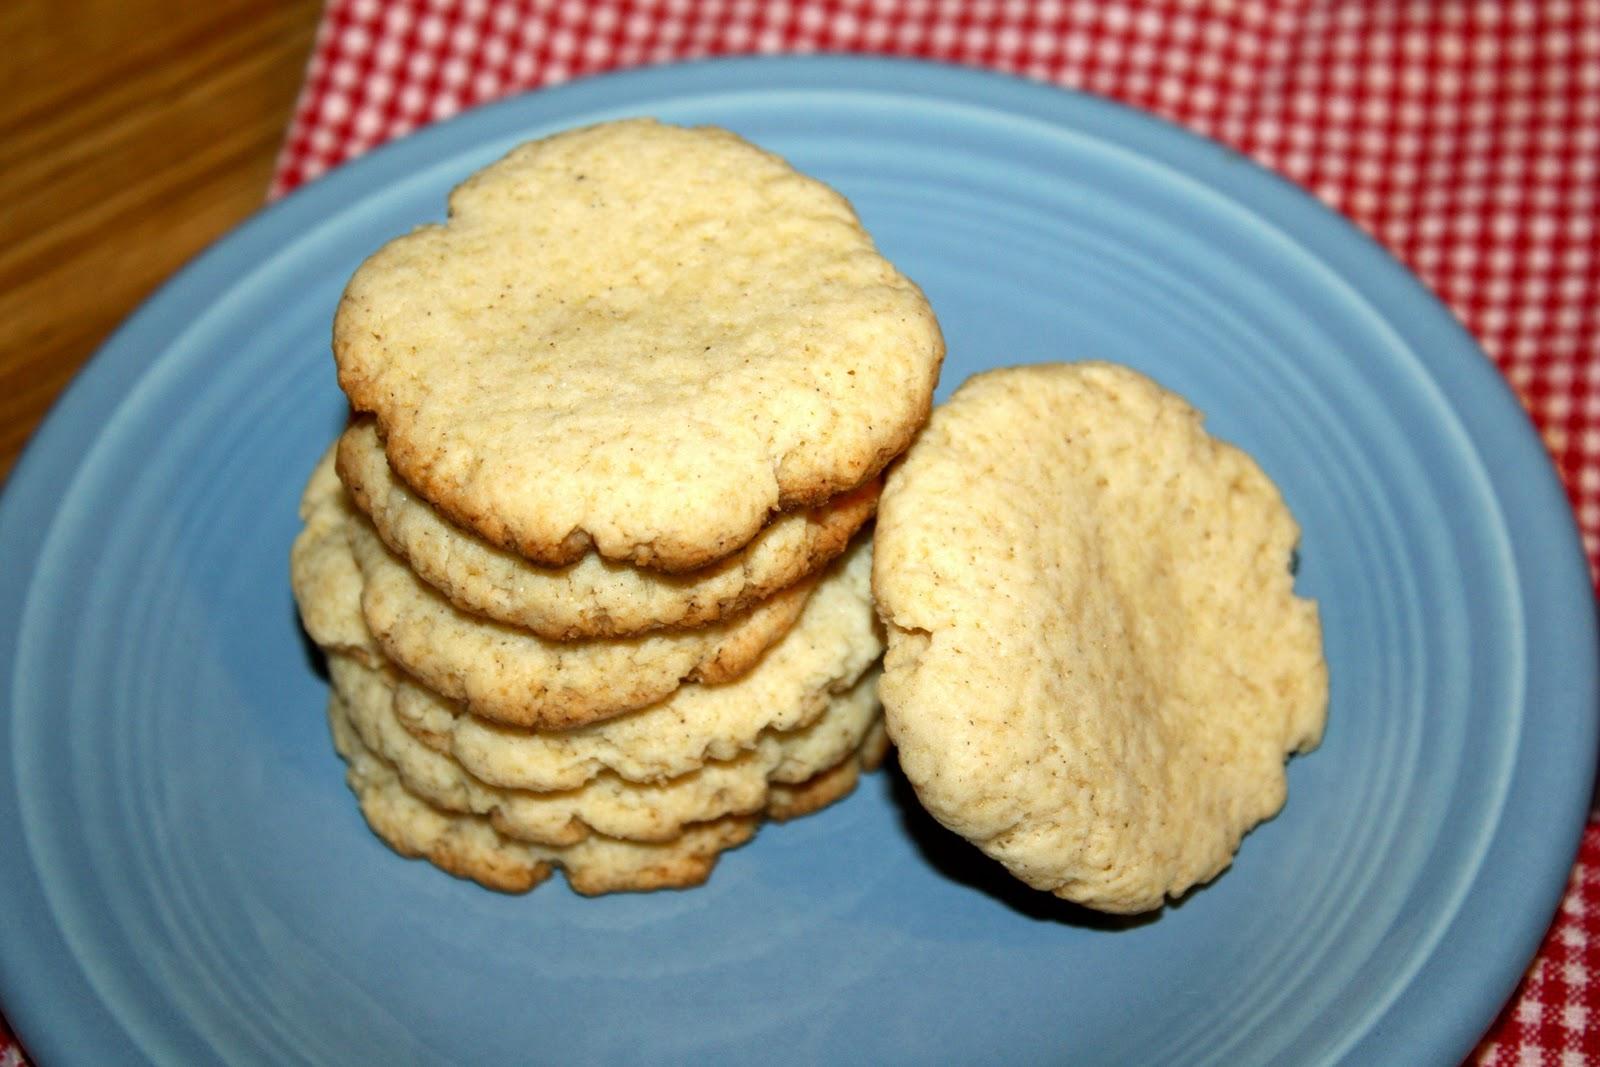 18 Hour Kitchen: (Sugar-less) Sugar Cookies